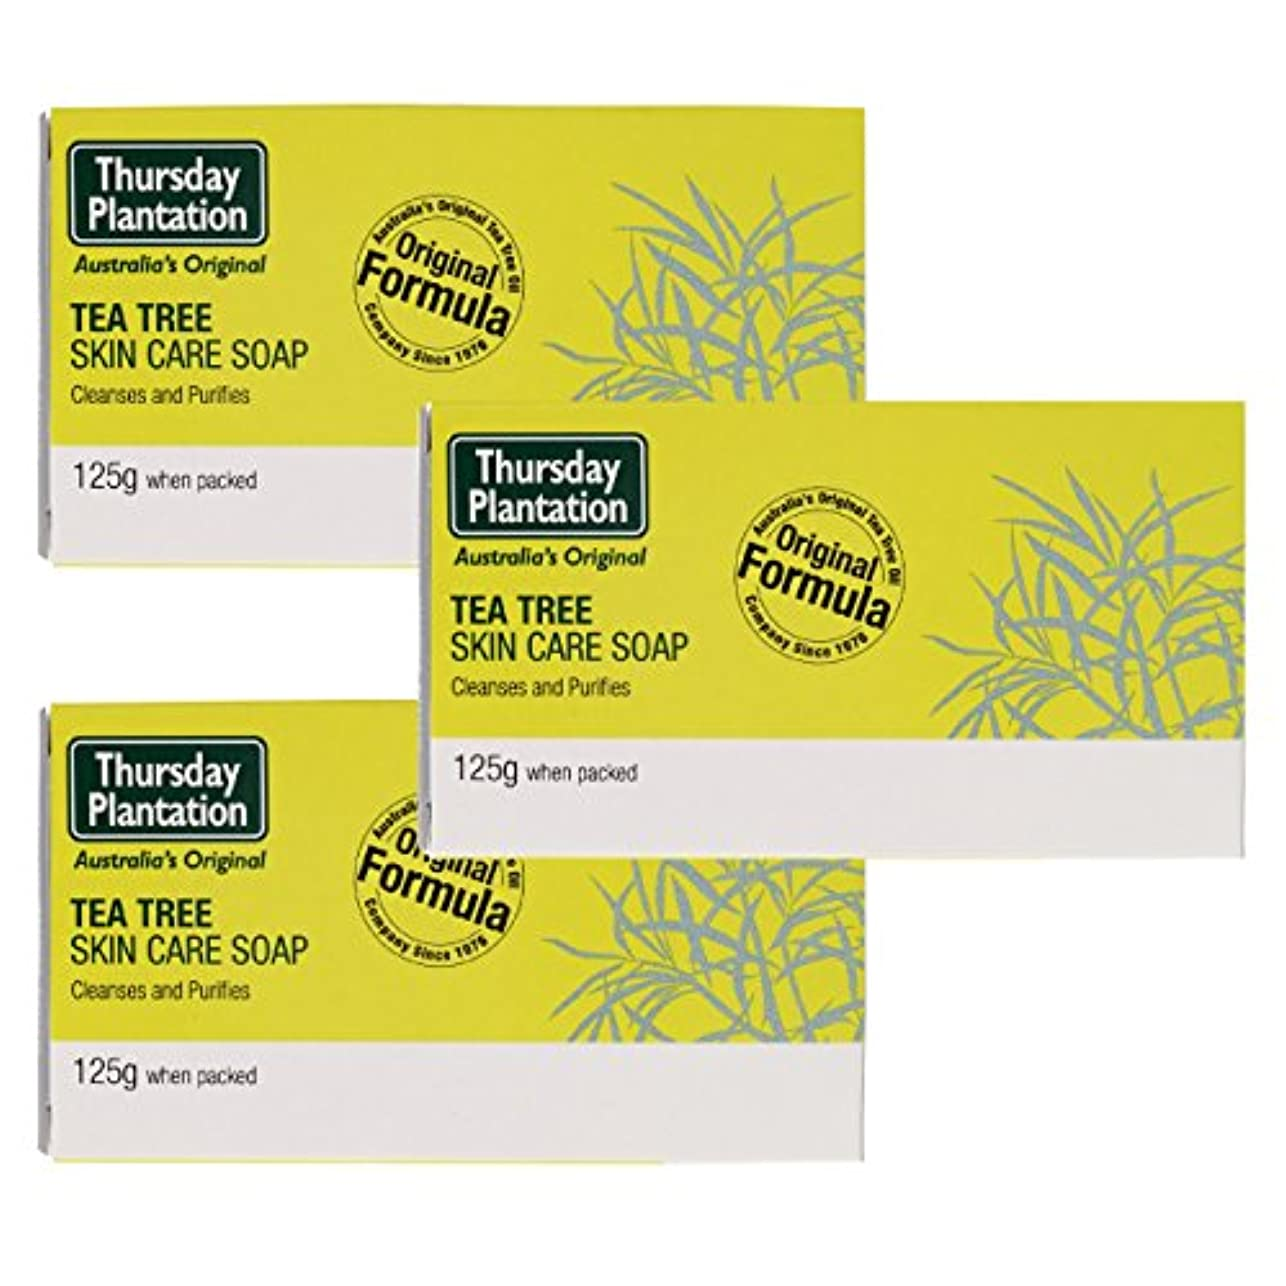 やりがいのある機構育成ティーツリー スキンケア ソープ 125g x3 Thursday Plantation Tea Tree Skin Care Soap [並行輸入品]